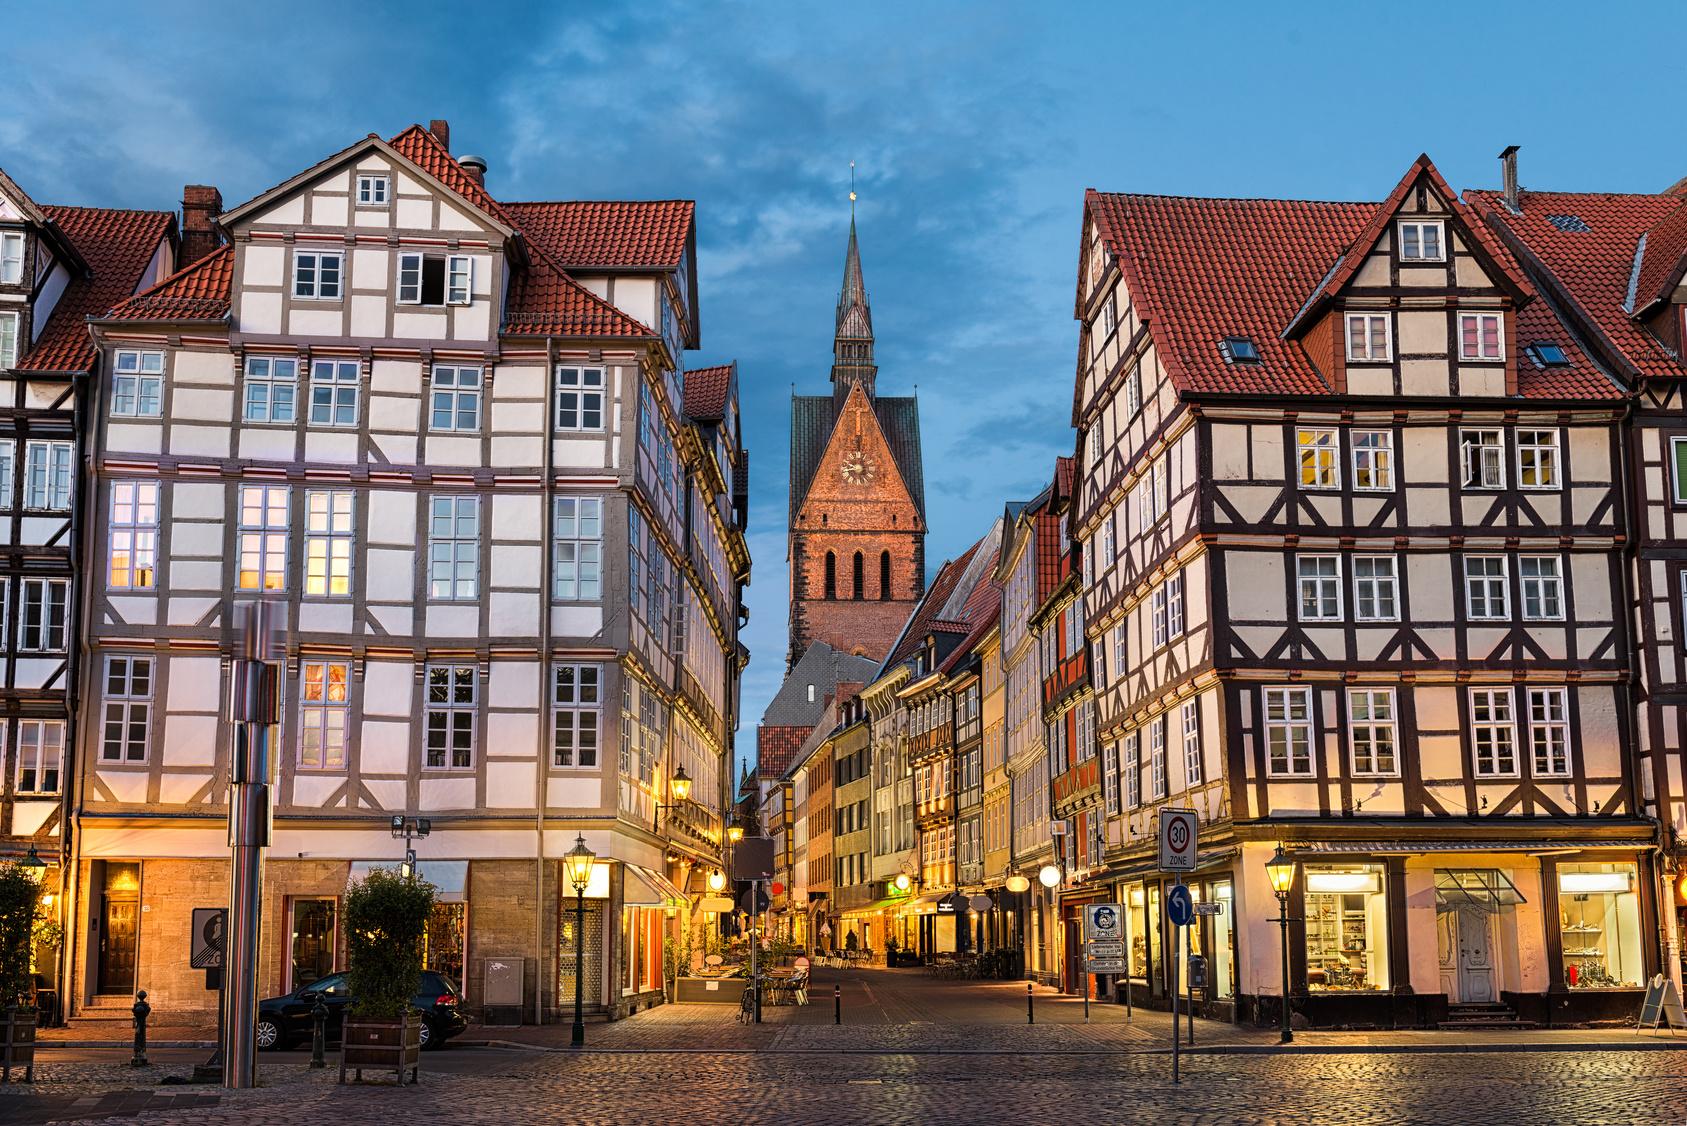 Marktkirche und Altstadt von Hannover.